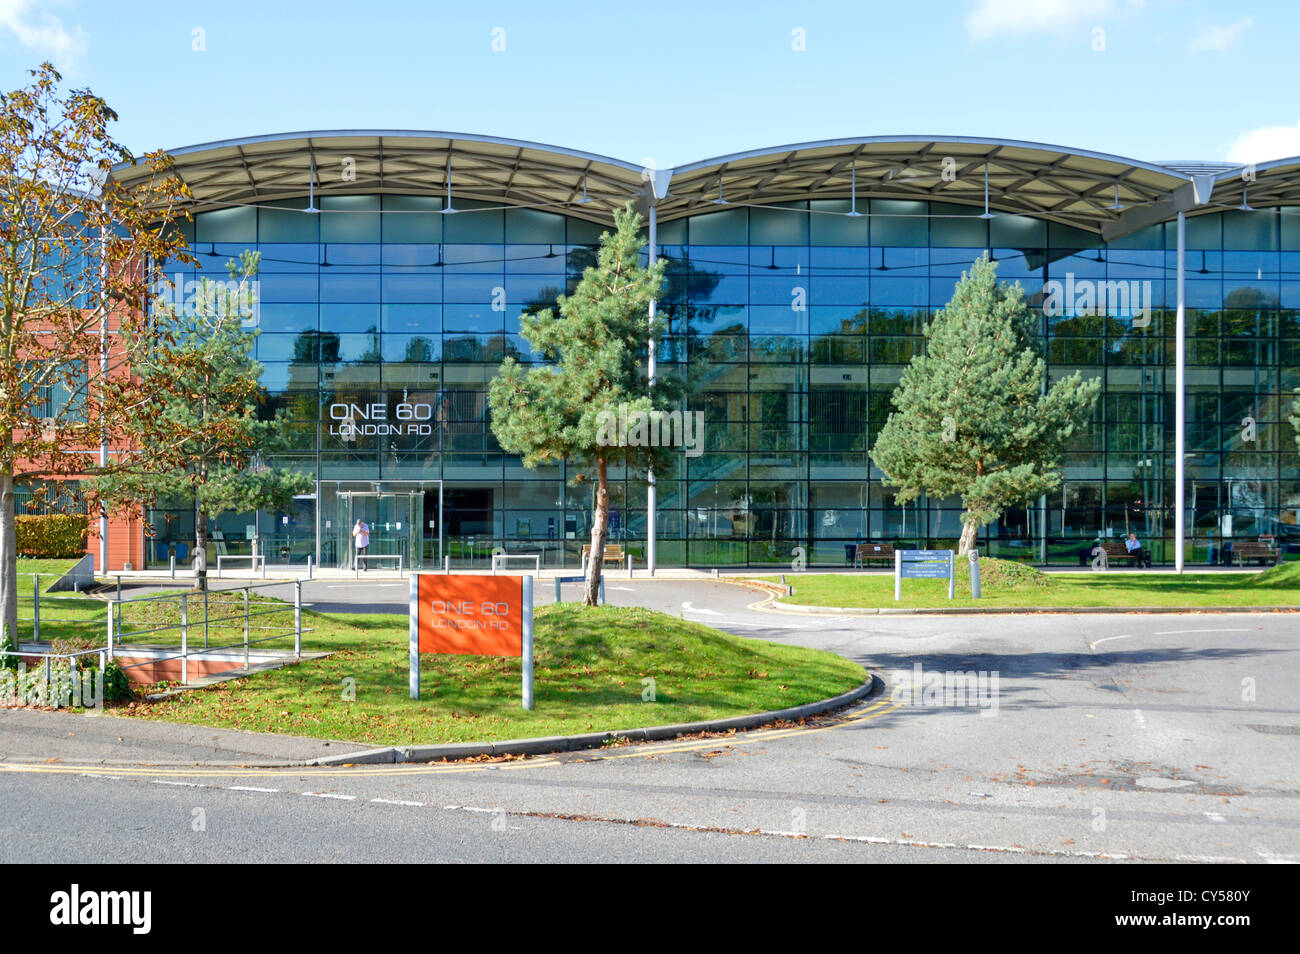 Immeuble de bureaux moderne en verre vitrages sur toute la hauteur d